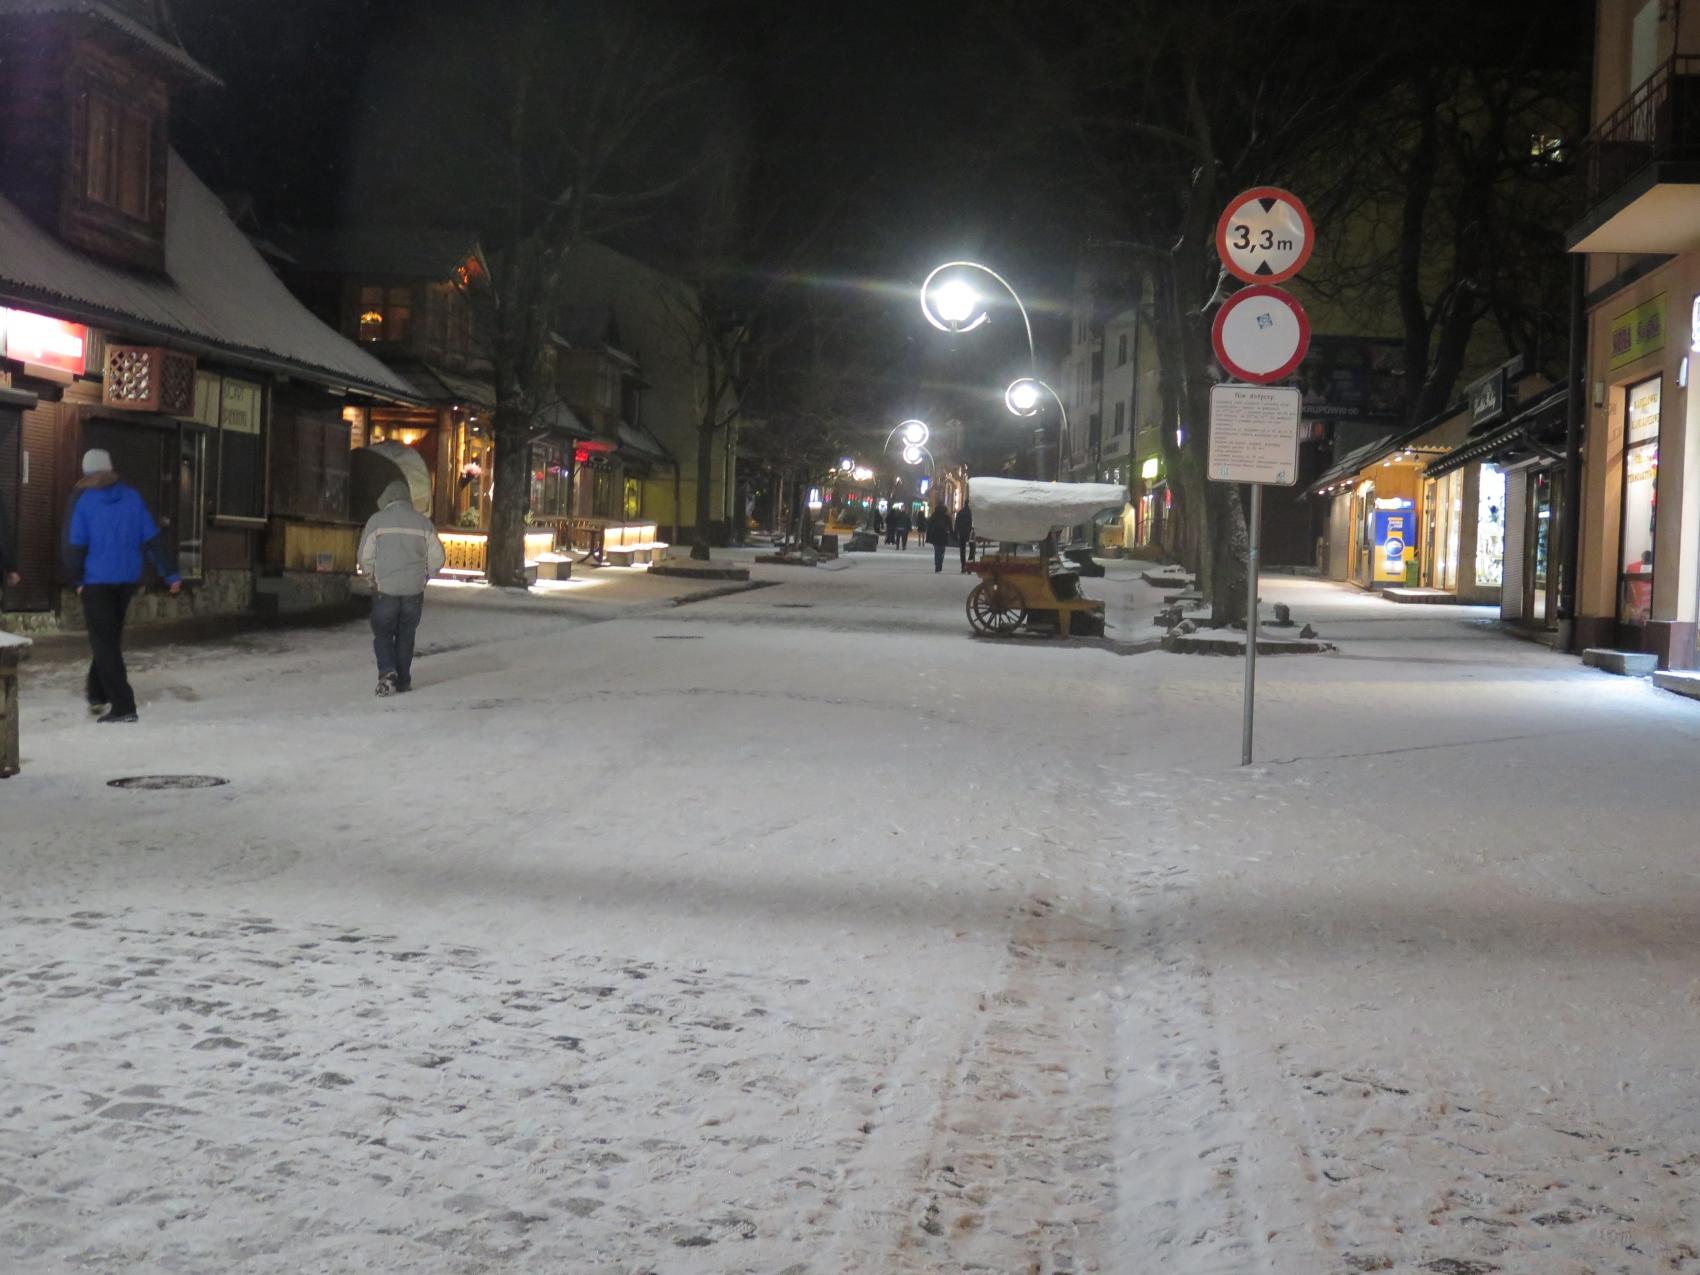 Zima w Zakopanem! Tam zrobiło się biało! [ZDJĘCIA]